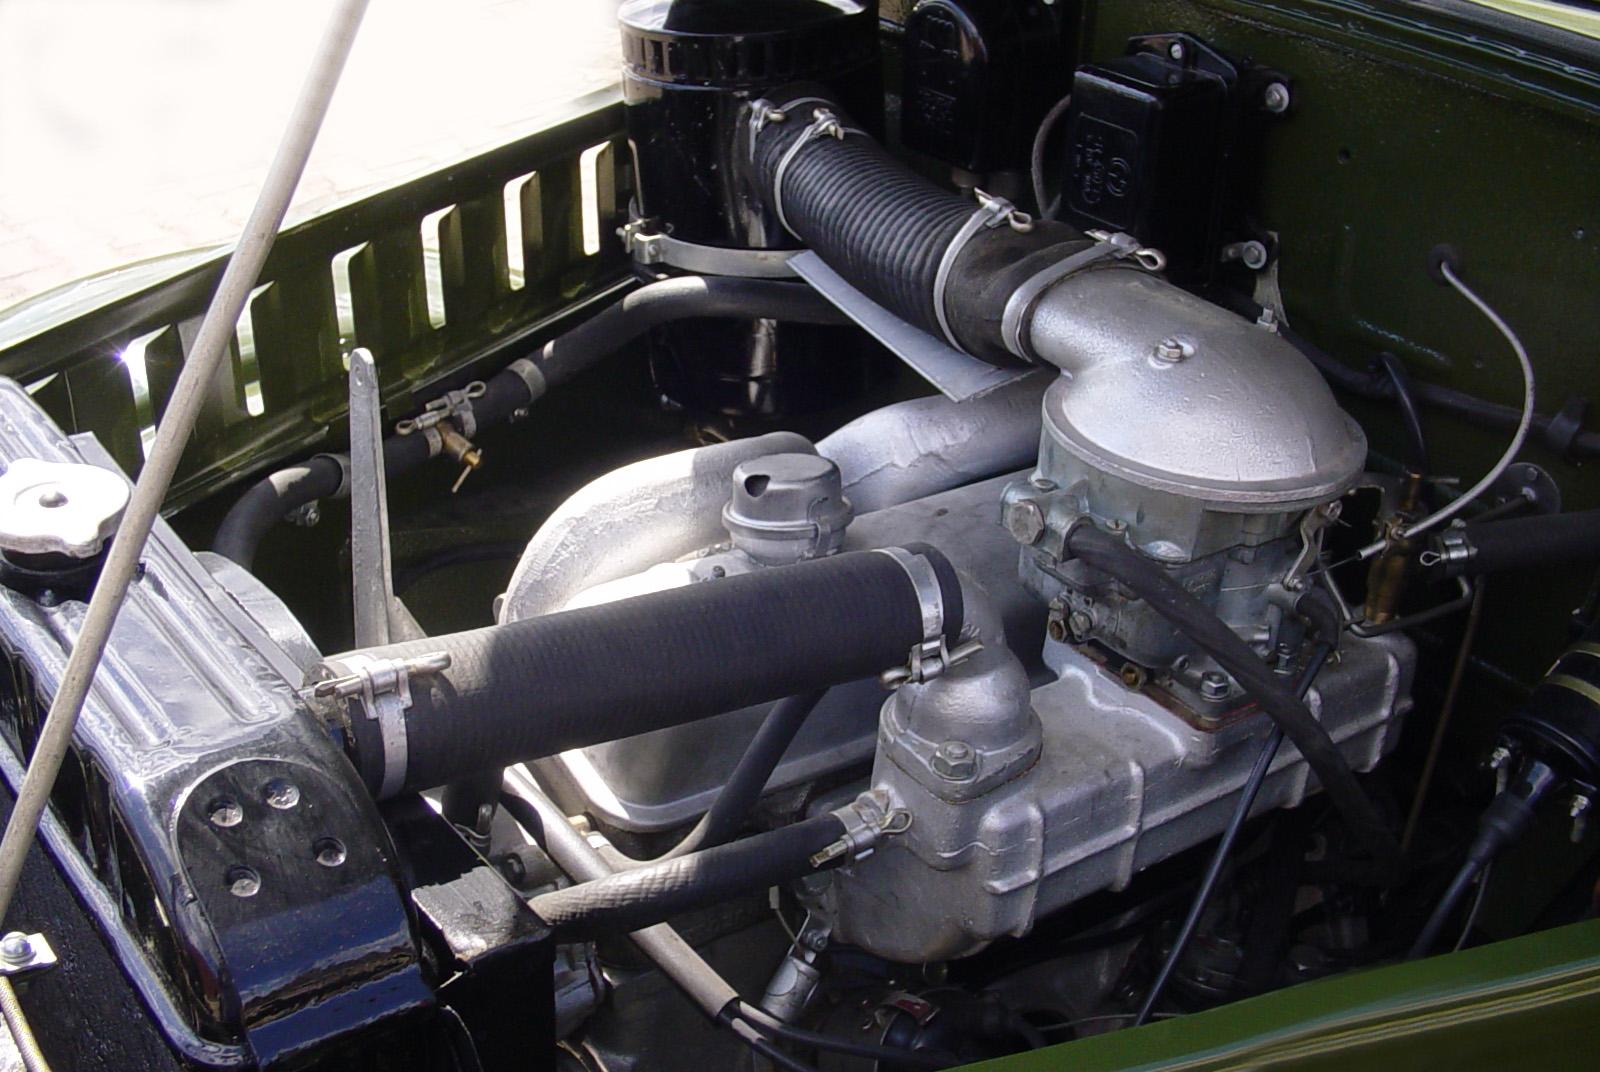 Aro M 461 - Aro M 461